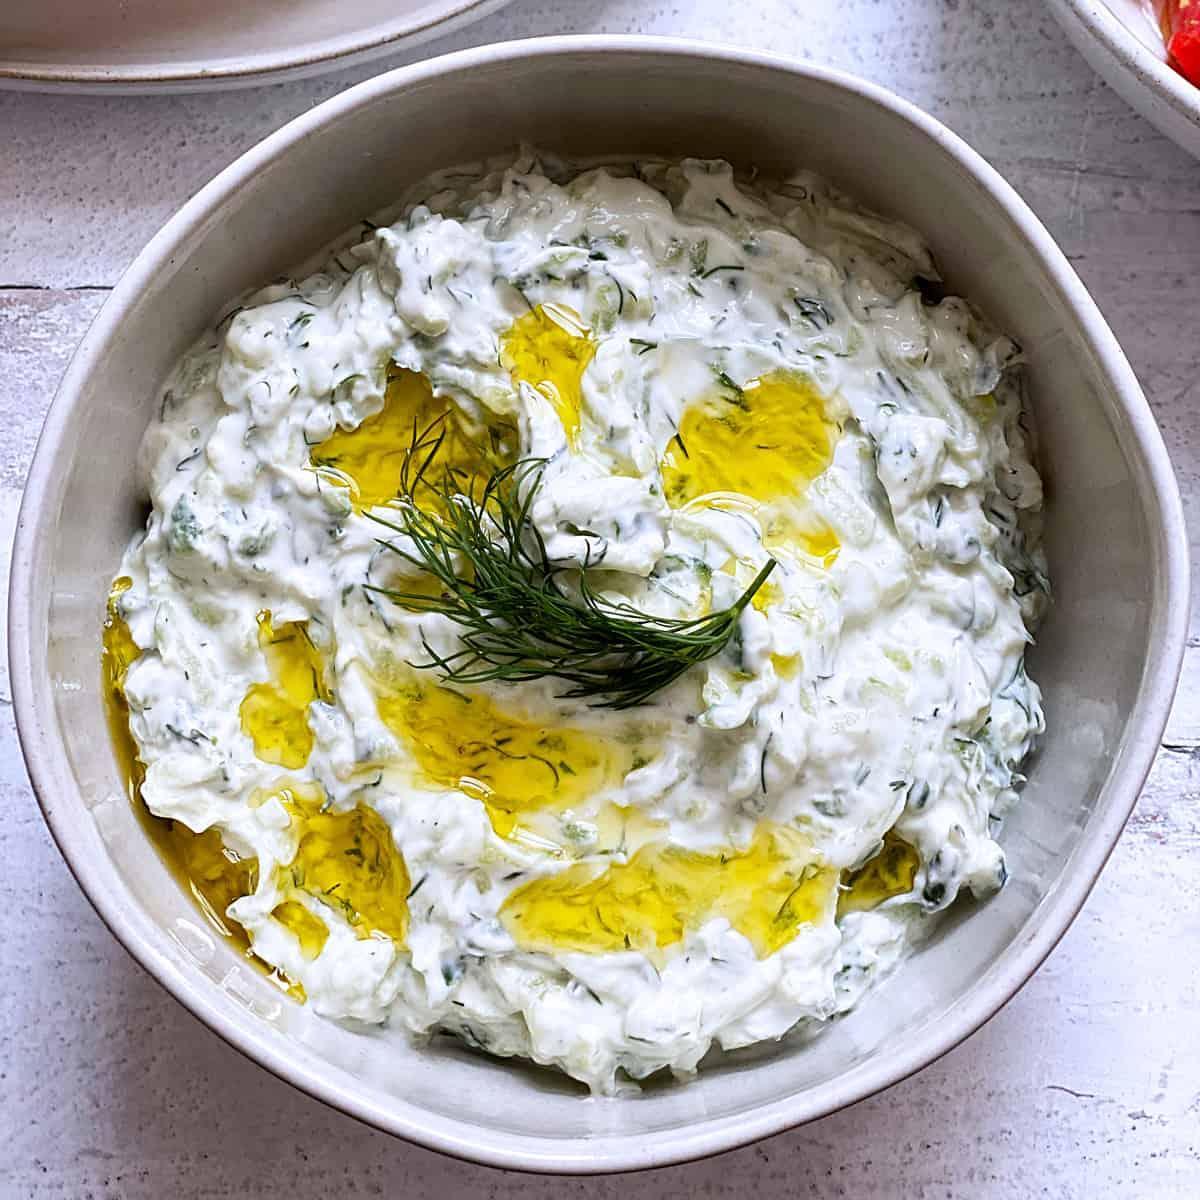 A bowl with tzatziki sauce.